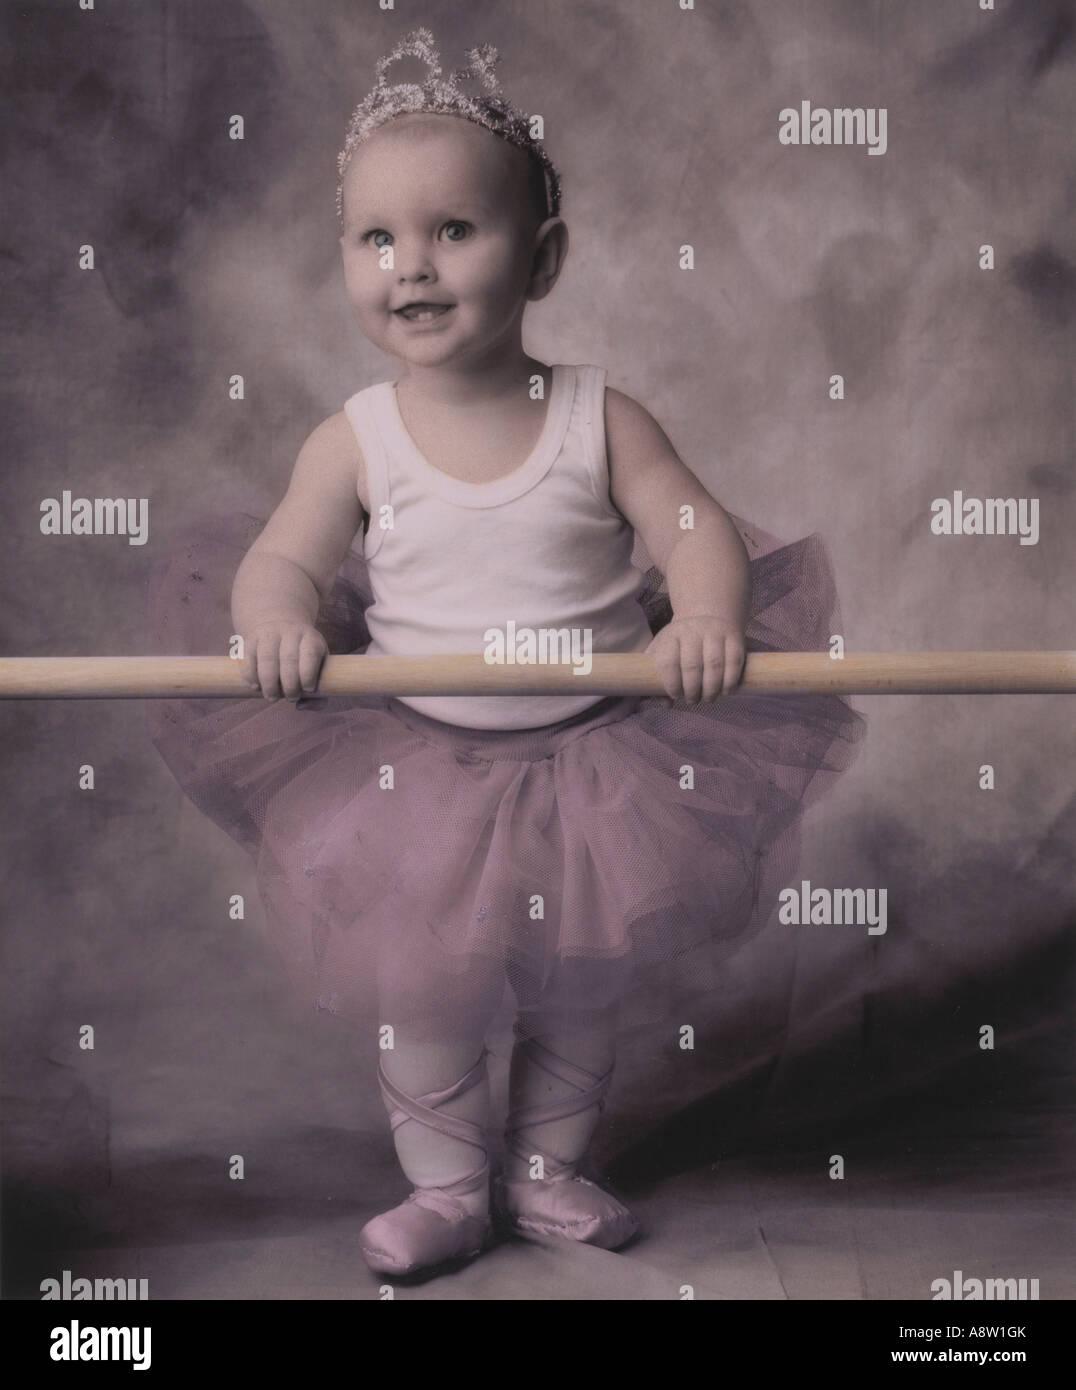 Studio-Konzept der Kleinkind Phantasie in Ballett Kostüm gekleidet. Stockbild